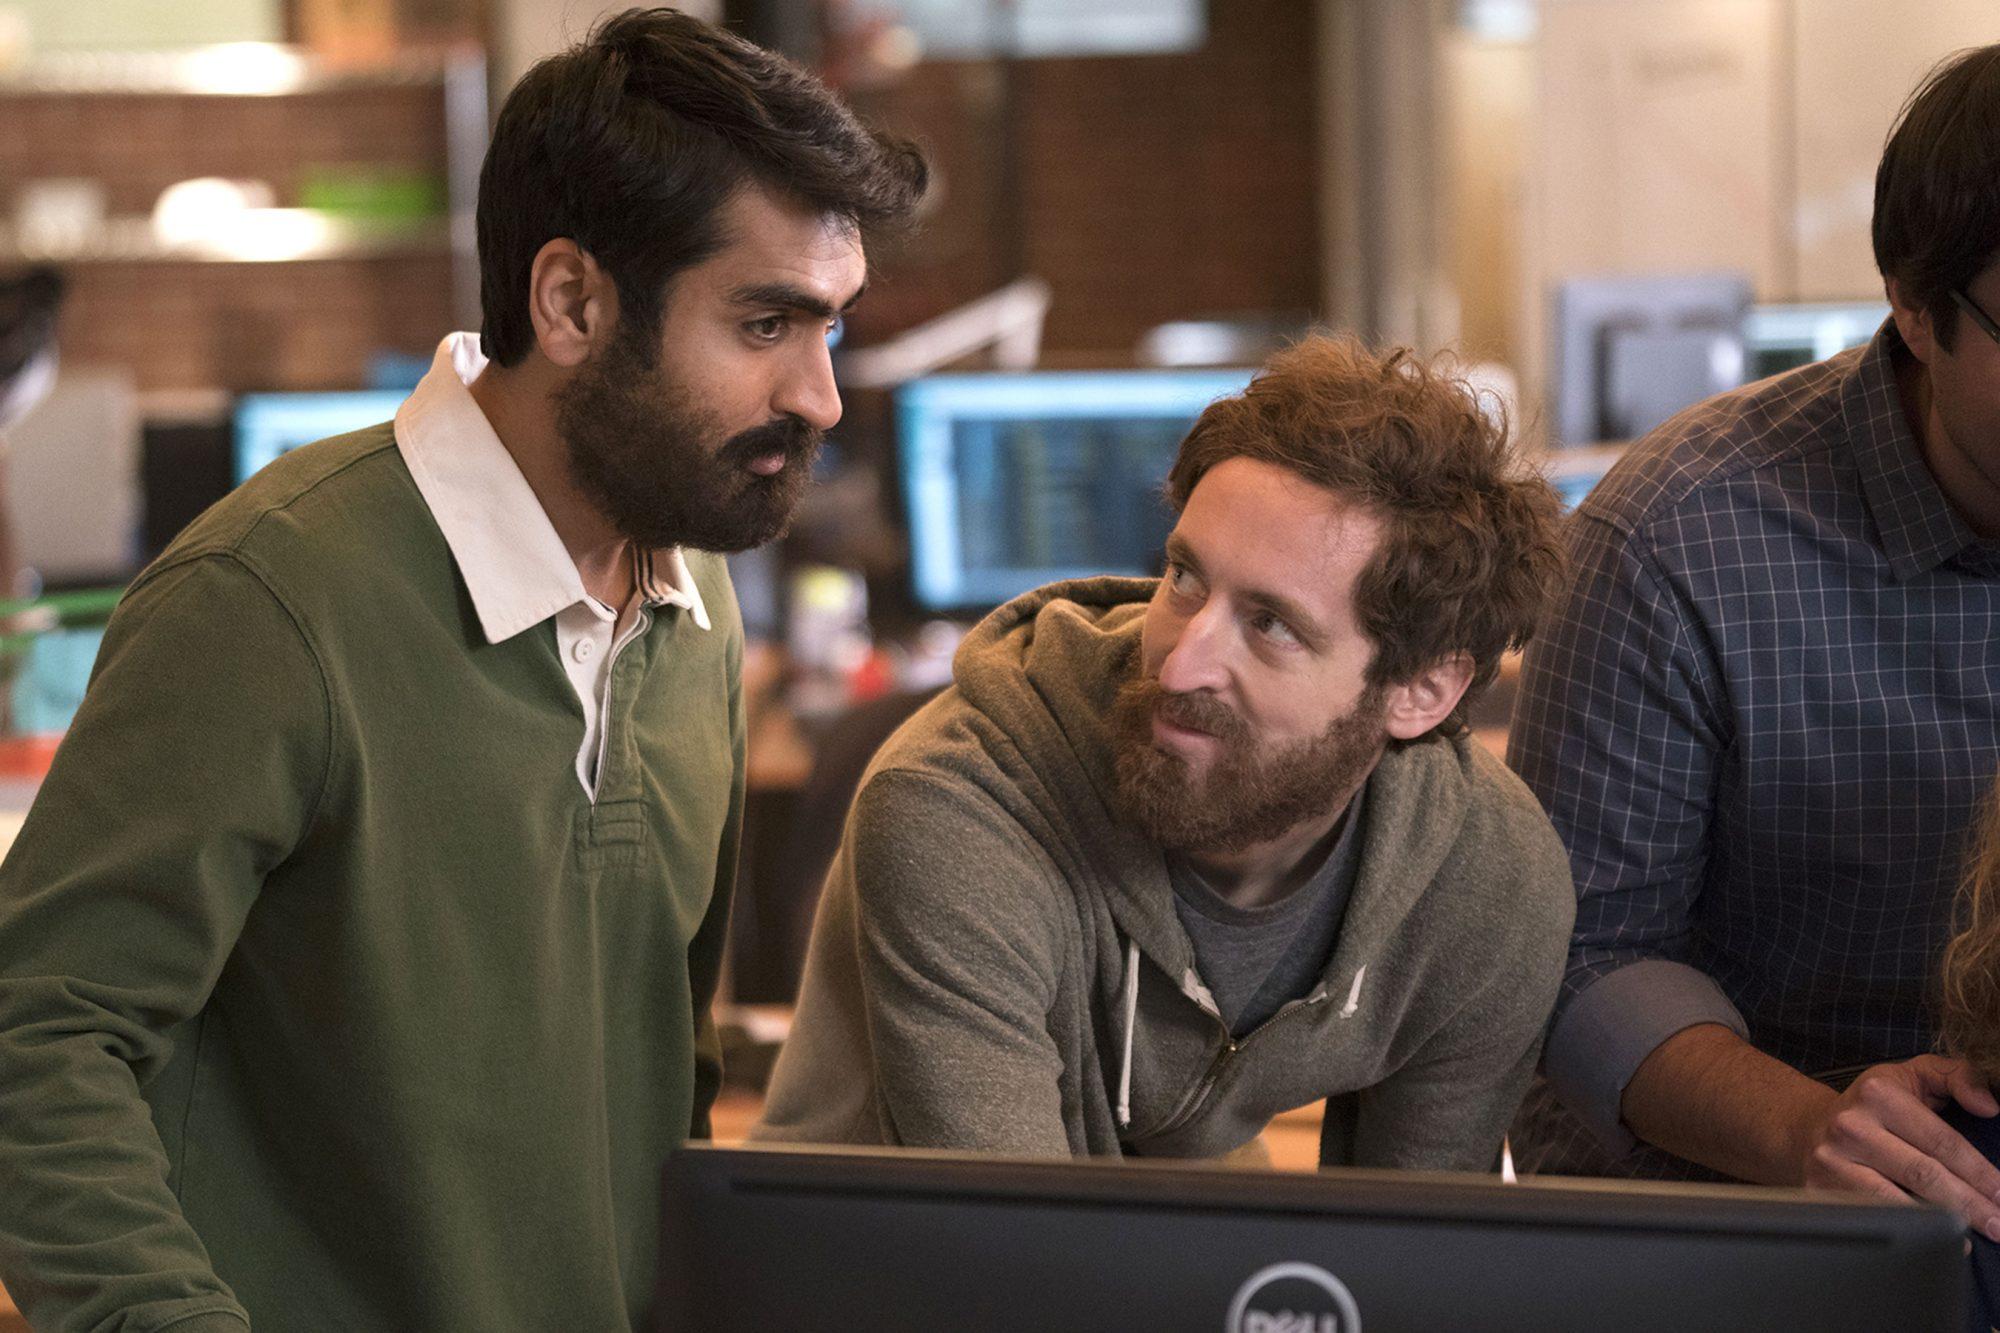 Silicon ValleySeason 5, Episode 8 photo: Ali Paige Goldstein/HBO